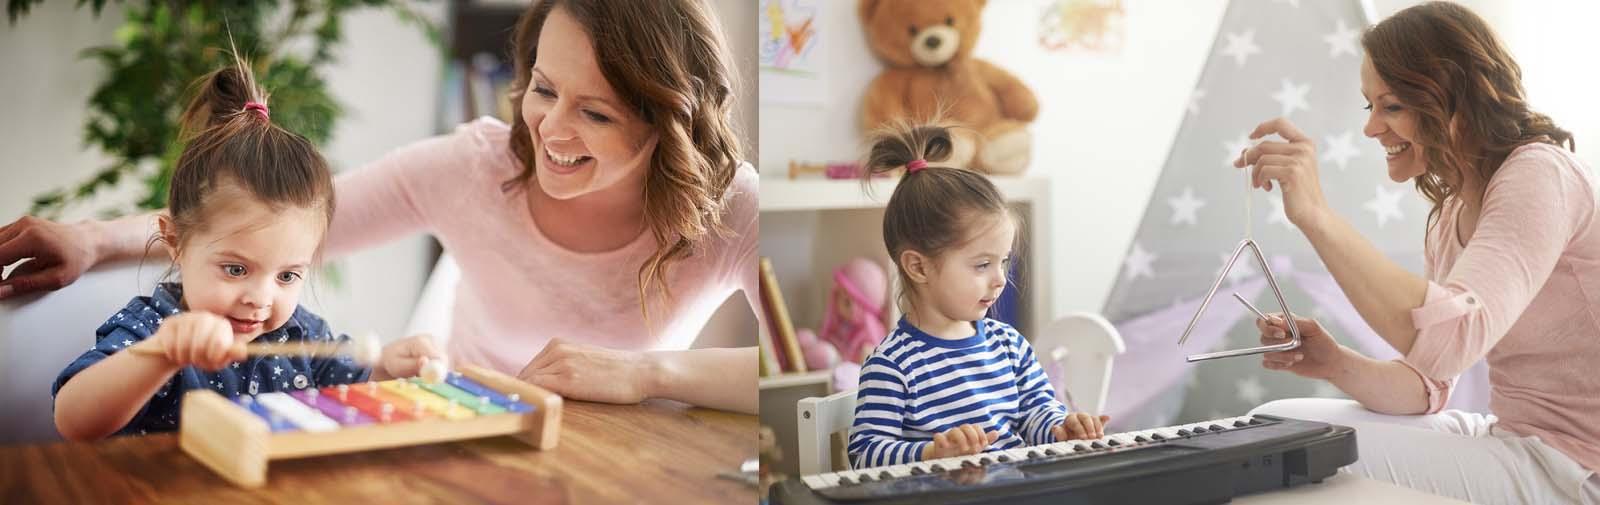 کارگاه موسیقی مادر و کودک